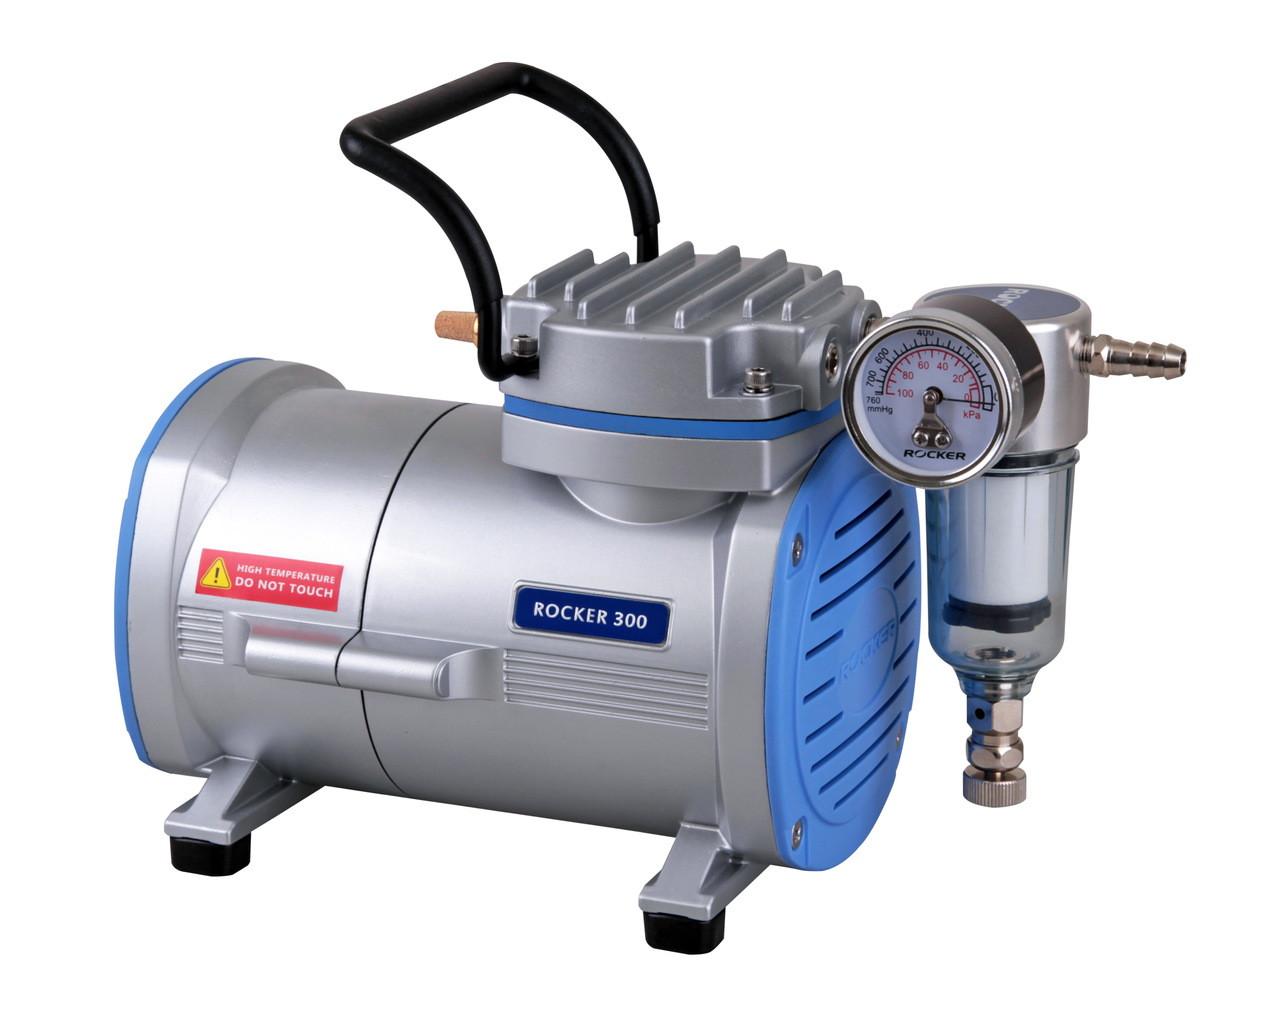 Rocker 300 Piston Pump 18 L/min 120 mbar